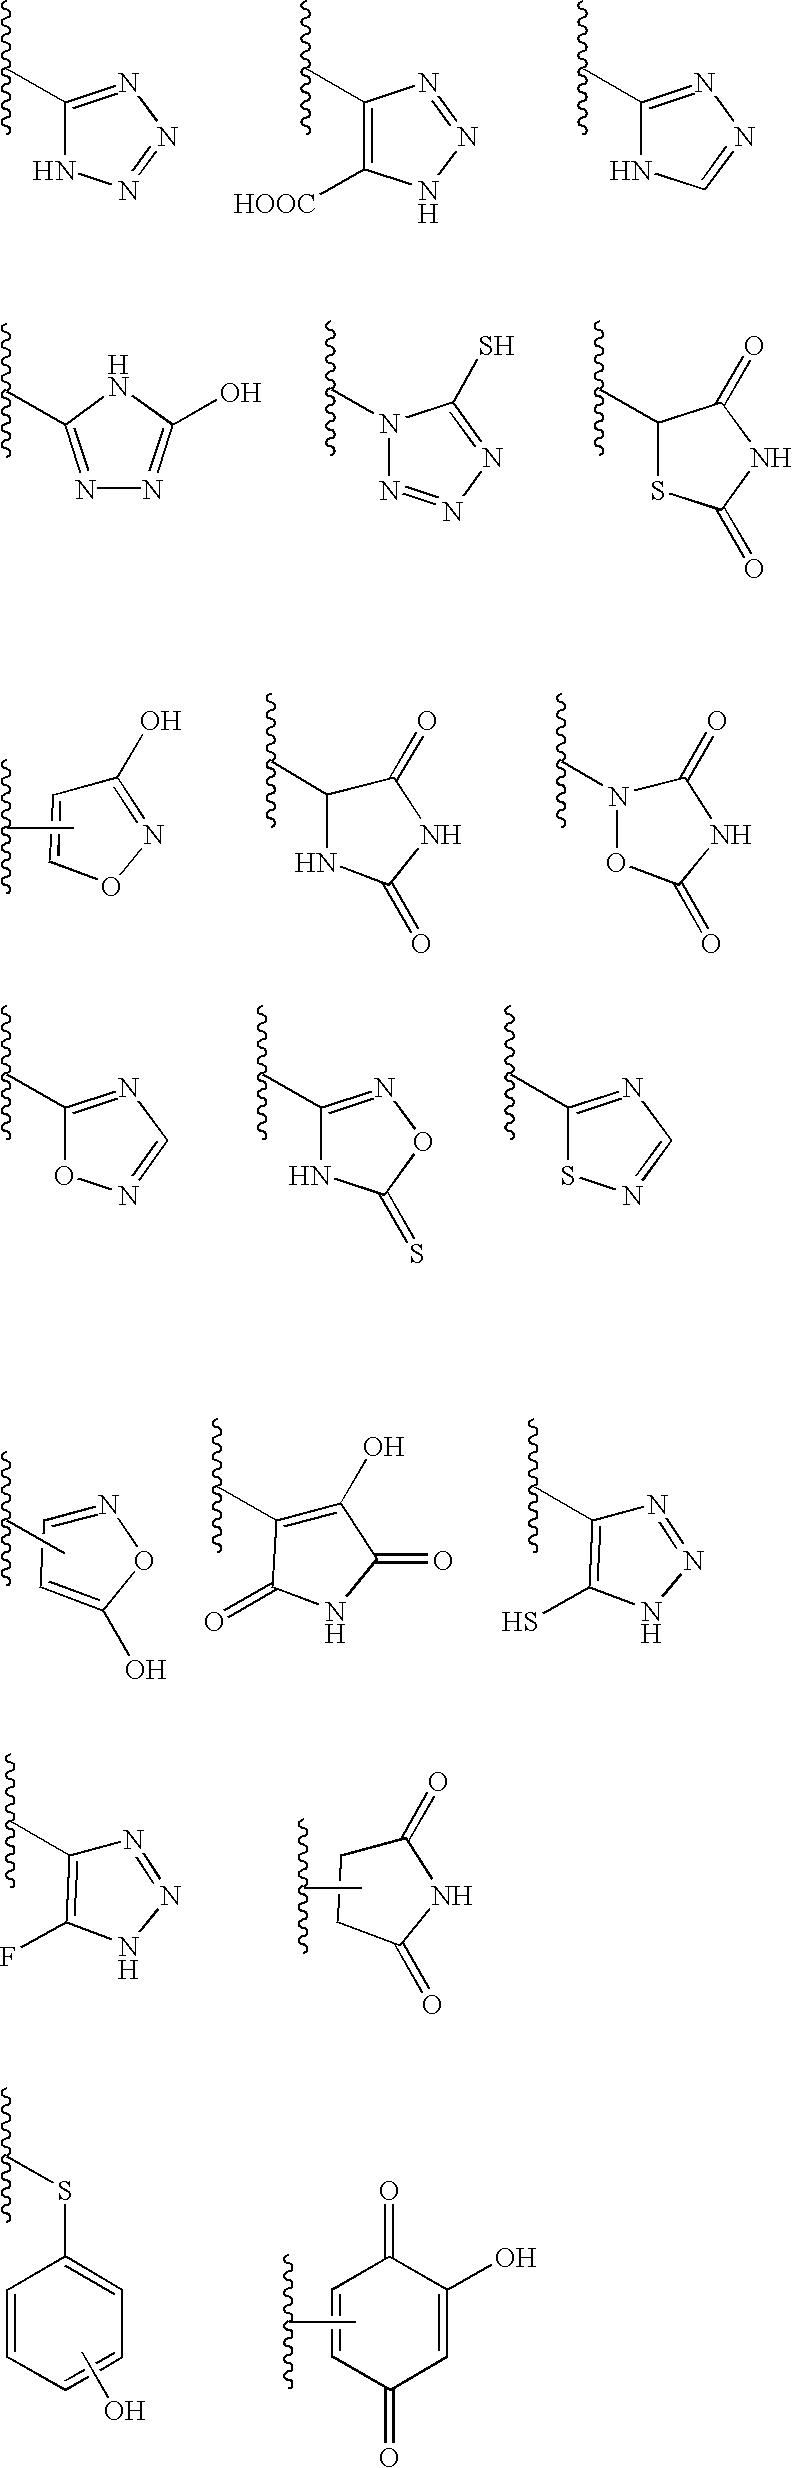 Figure US20030203890A1-20031030-C00231